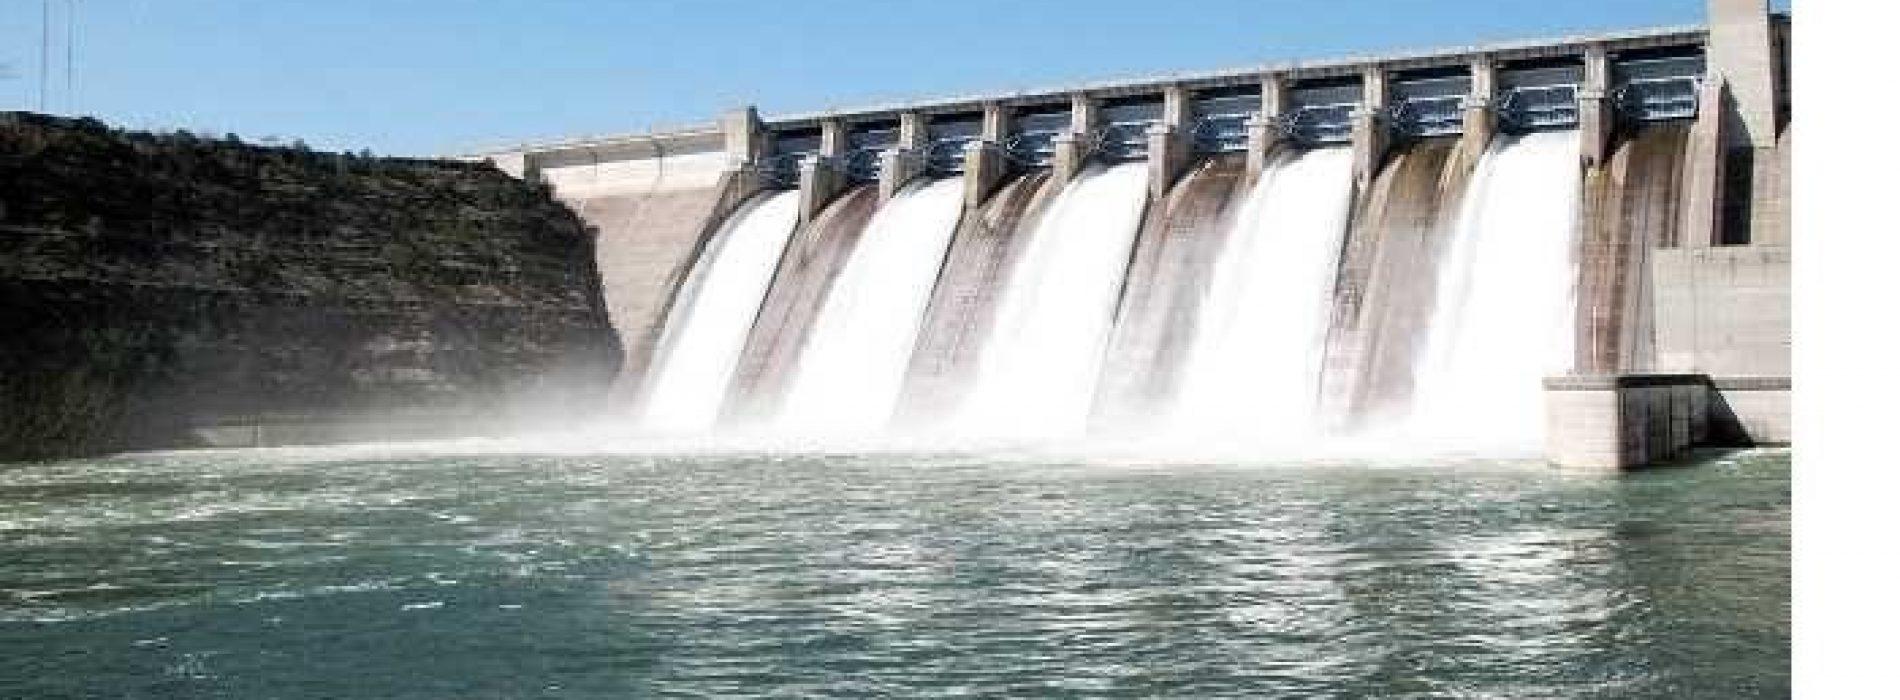 L'Angola ha grandi programmi per l'elettrificazione